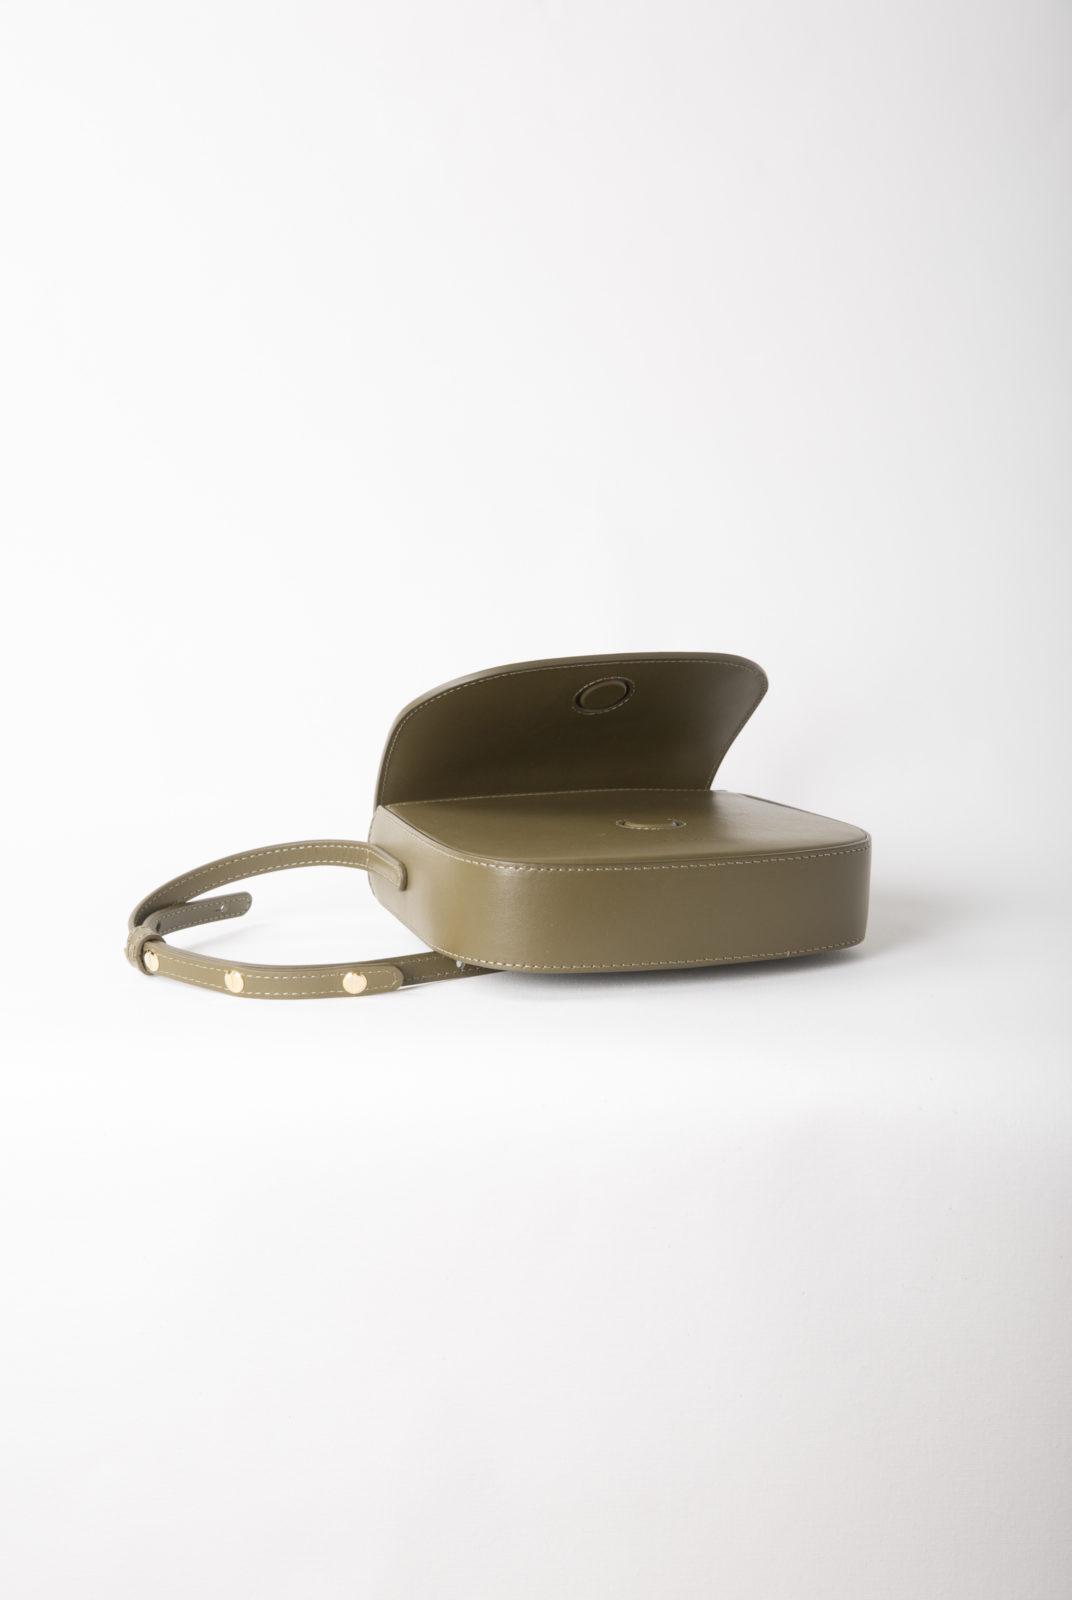 Mini crossbody en cuir de veau italien avec intérieur en toile beige. Poche intérieure Fermeture magnétique et sangle réglable. Fabriqué en Italie.